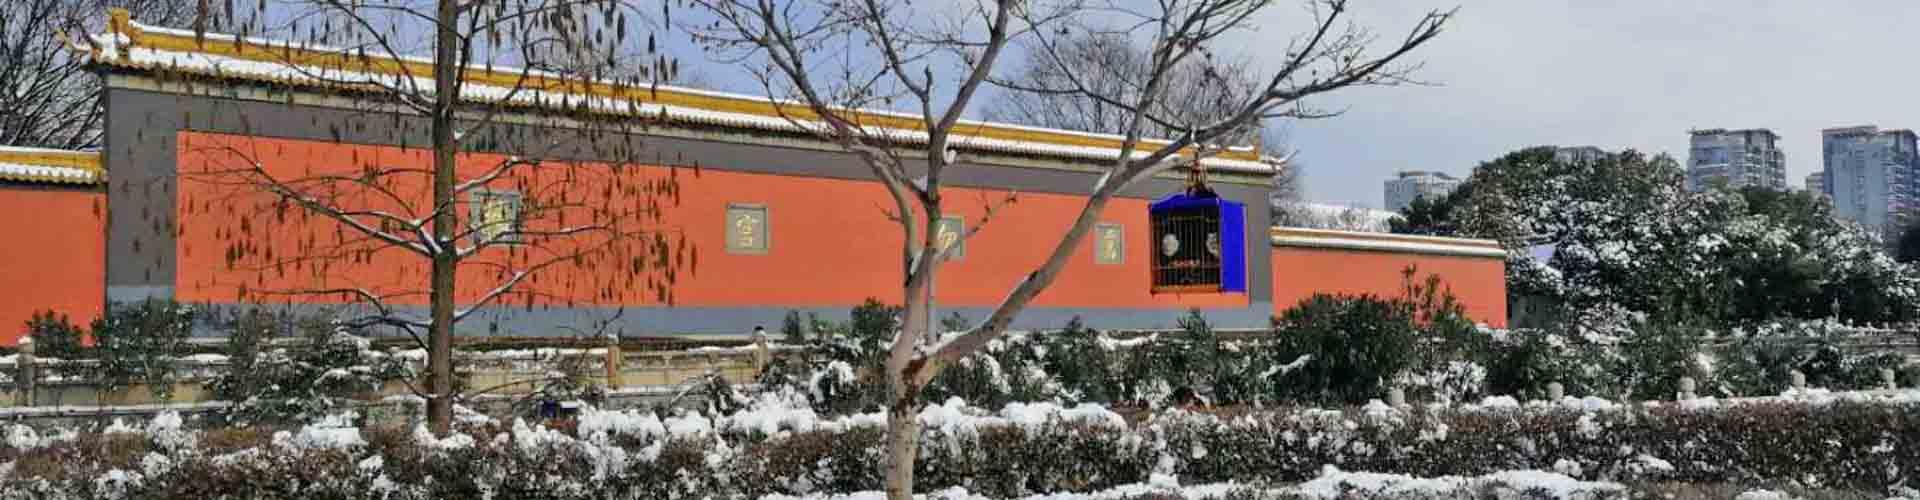 Palais de Chaotiangong Nanjing